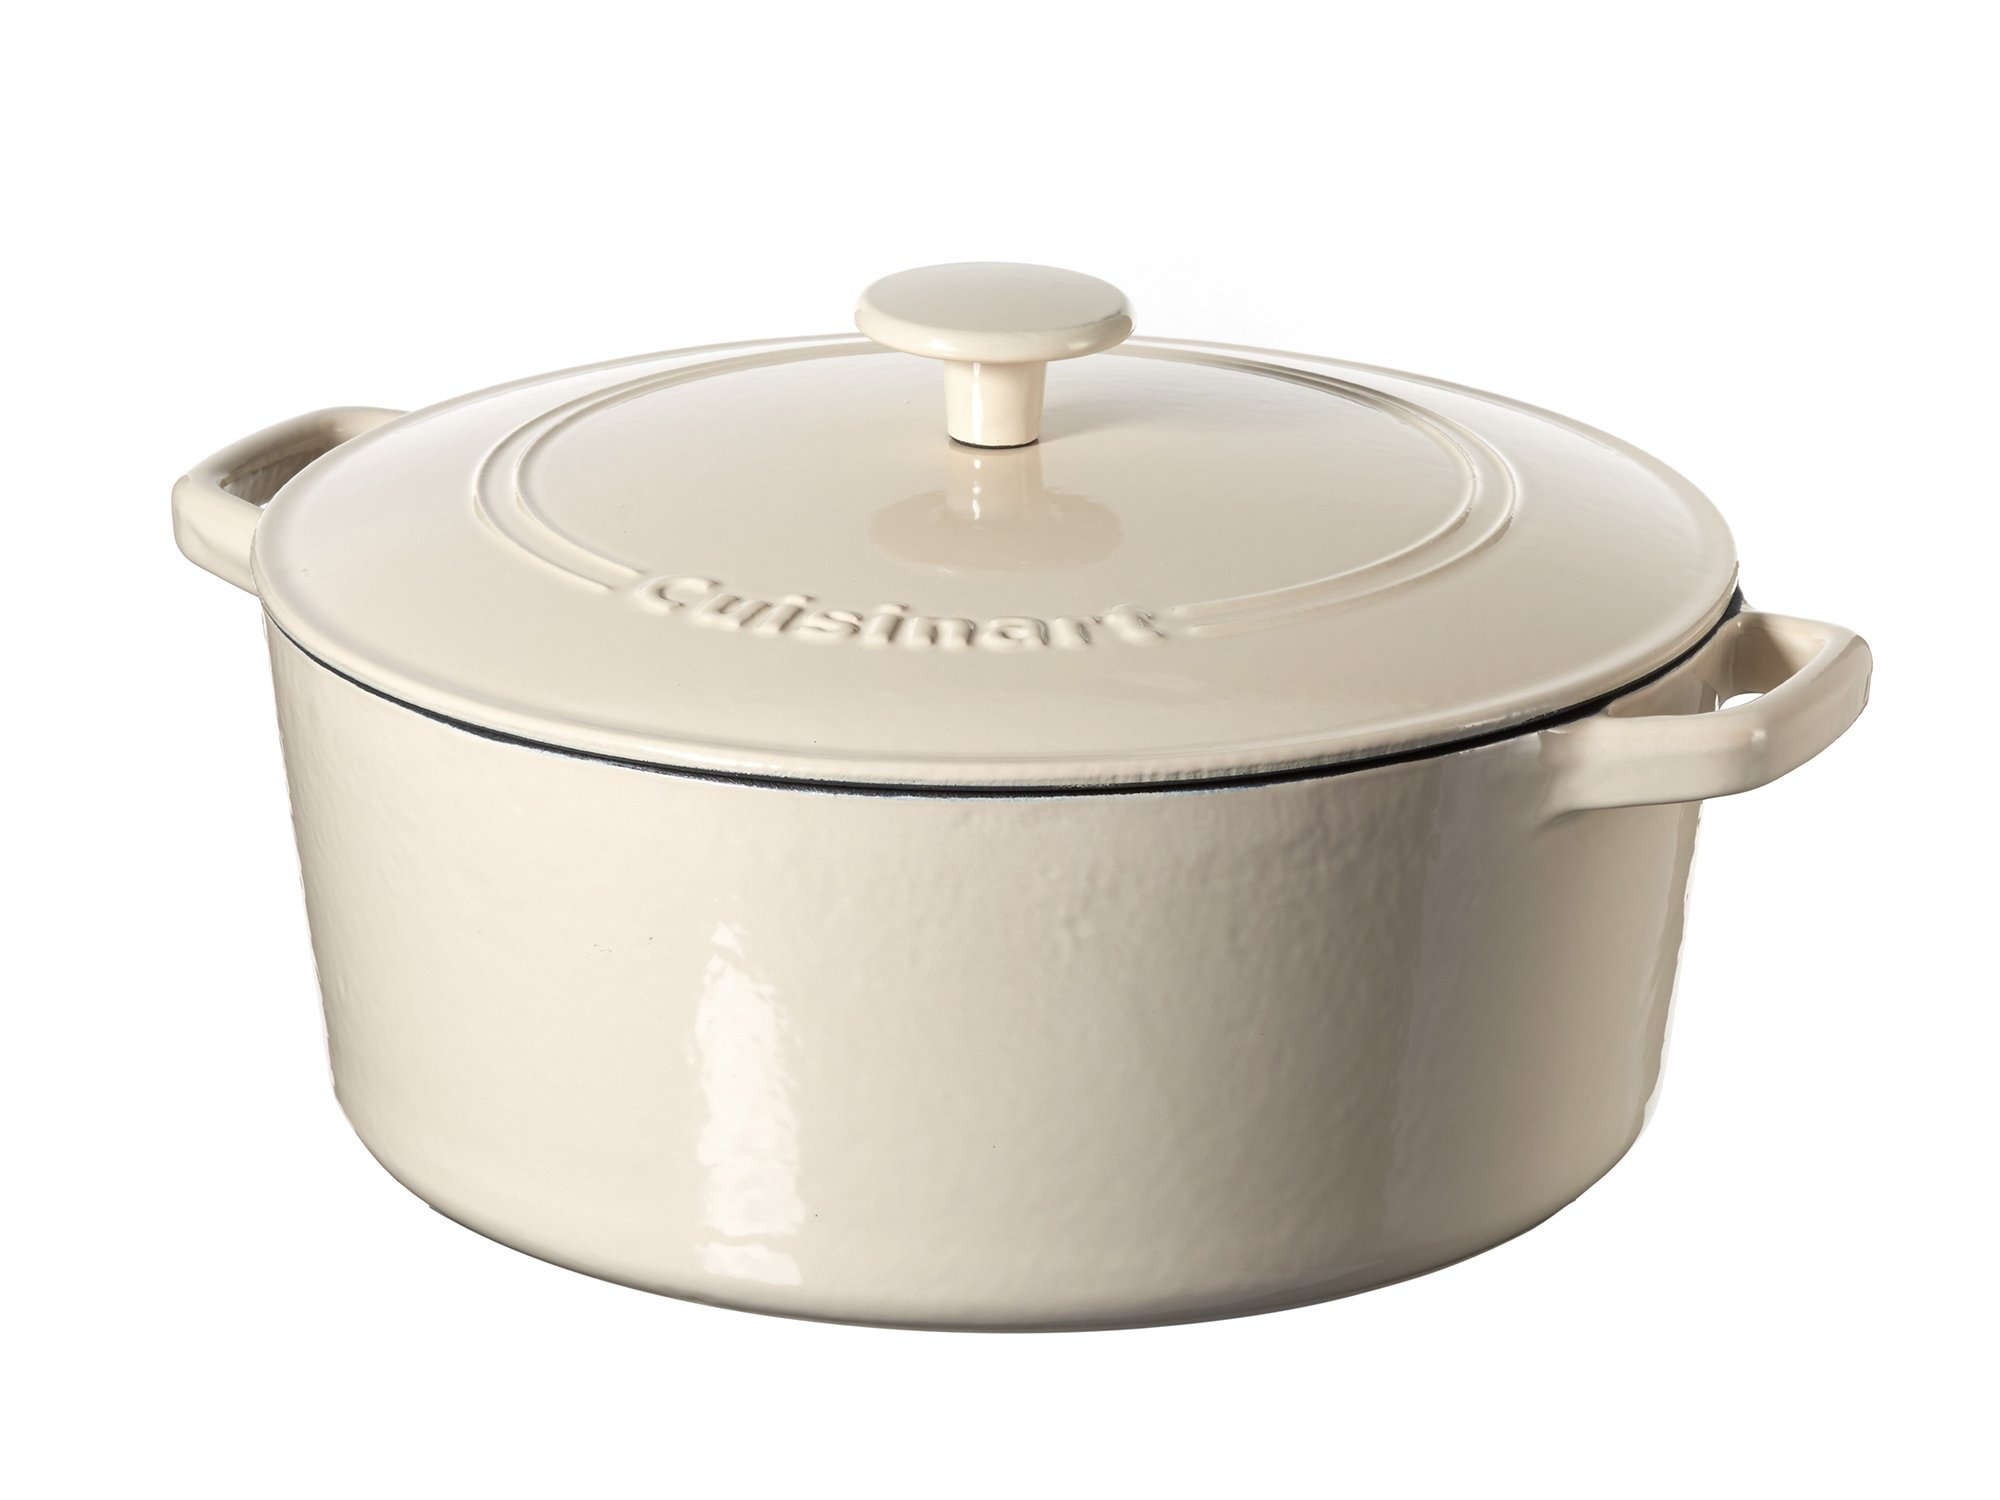 Cuisinart Casserole Cast Iron, Cream, 7 quart